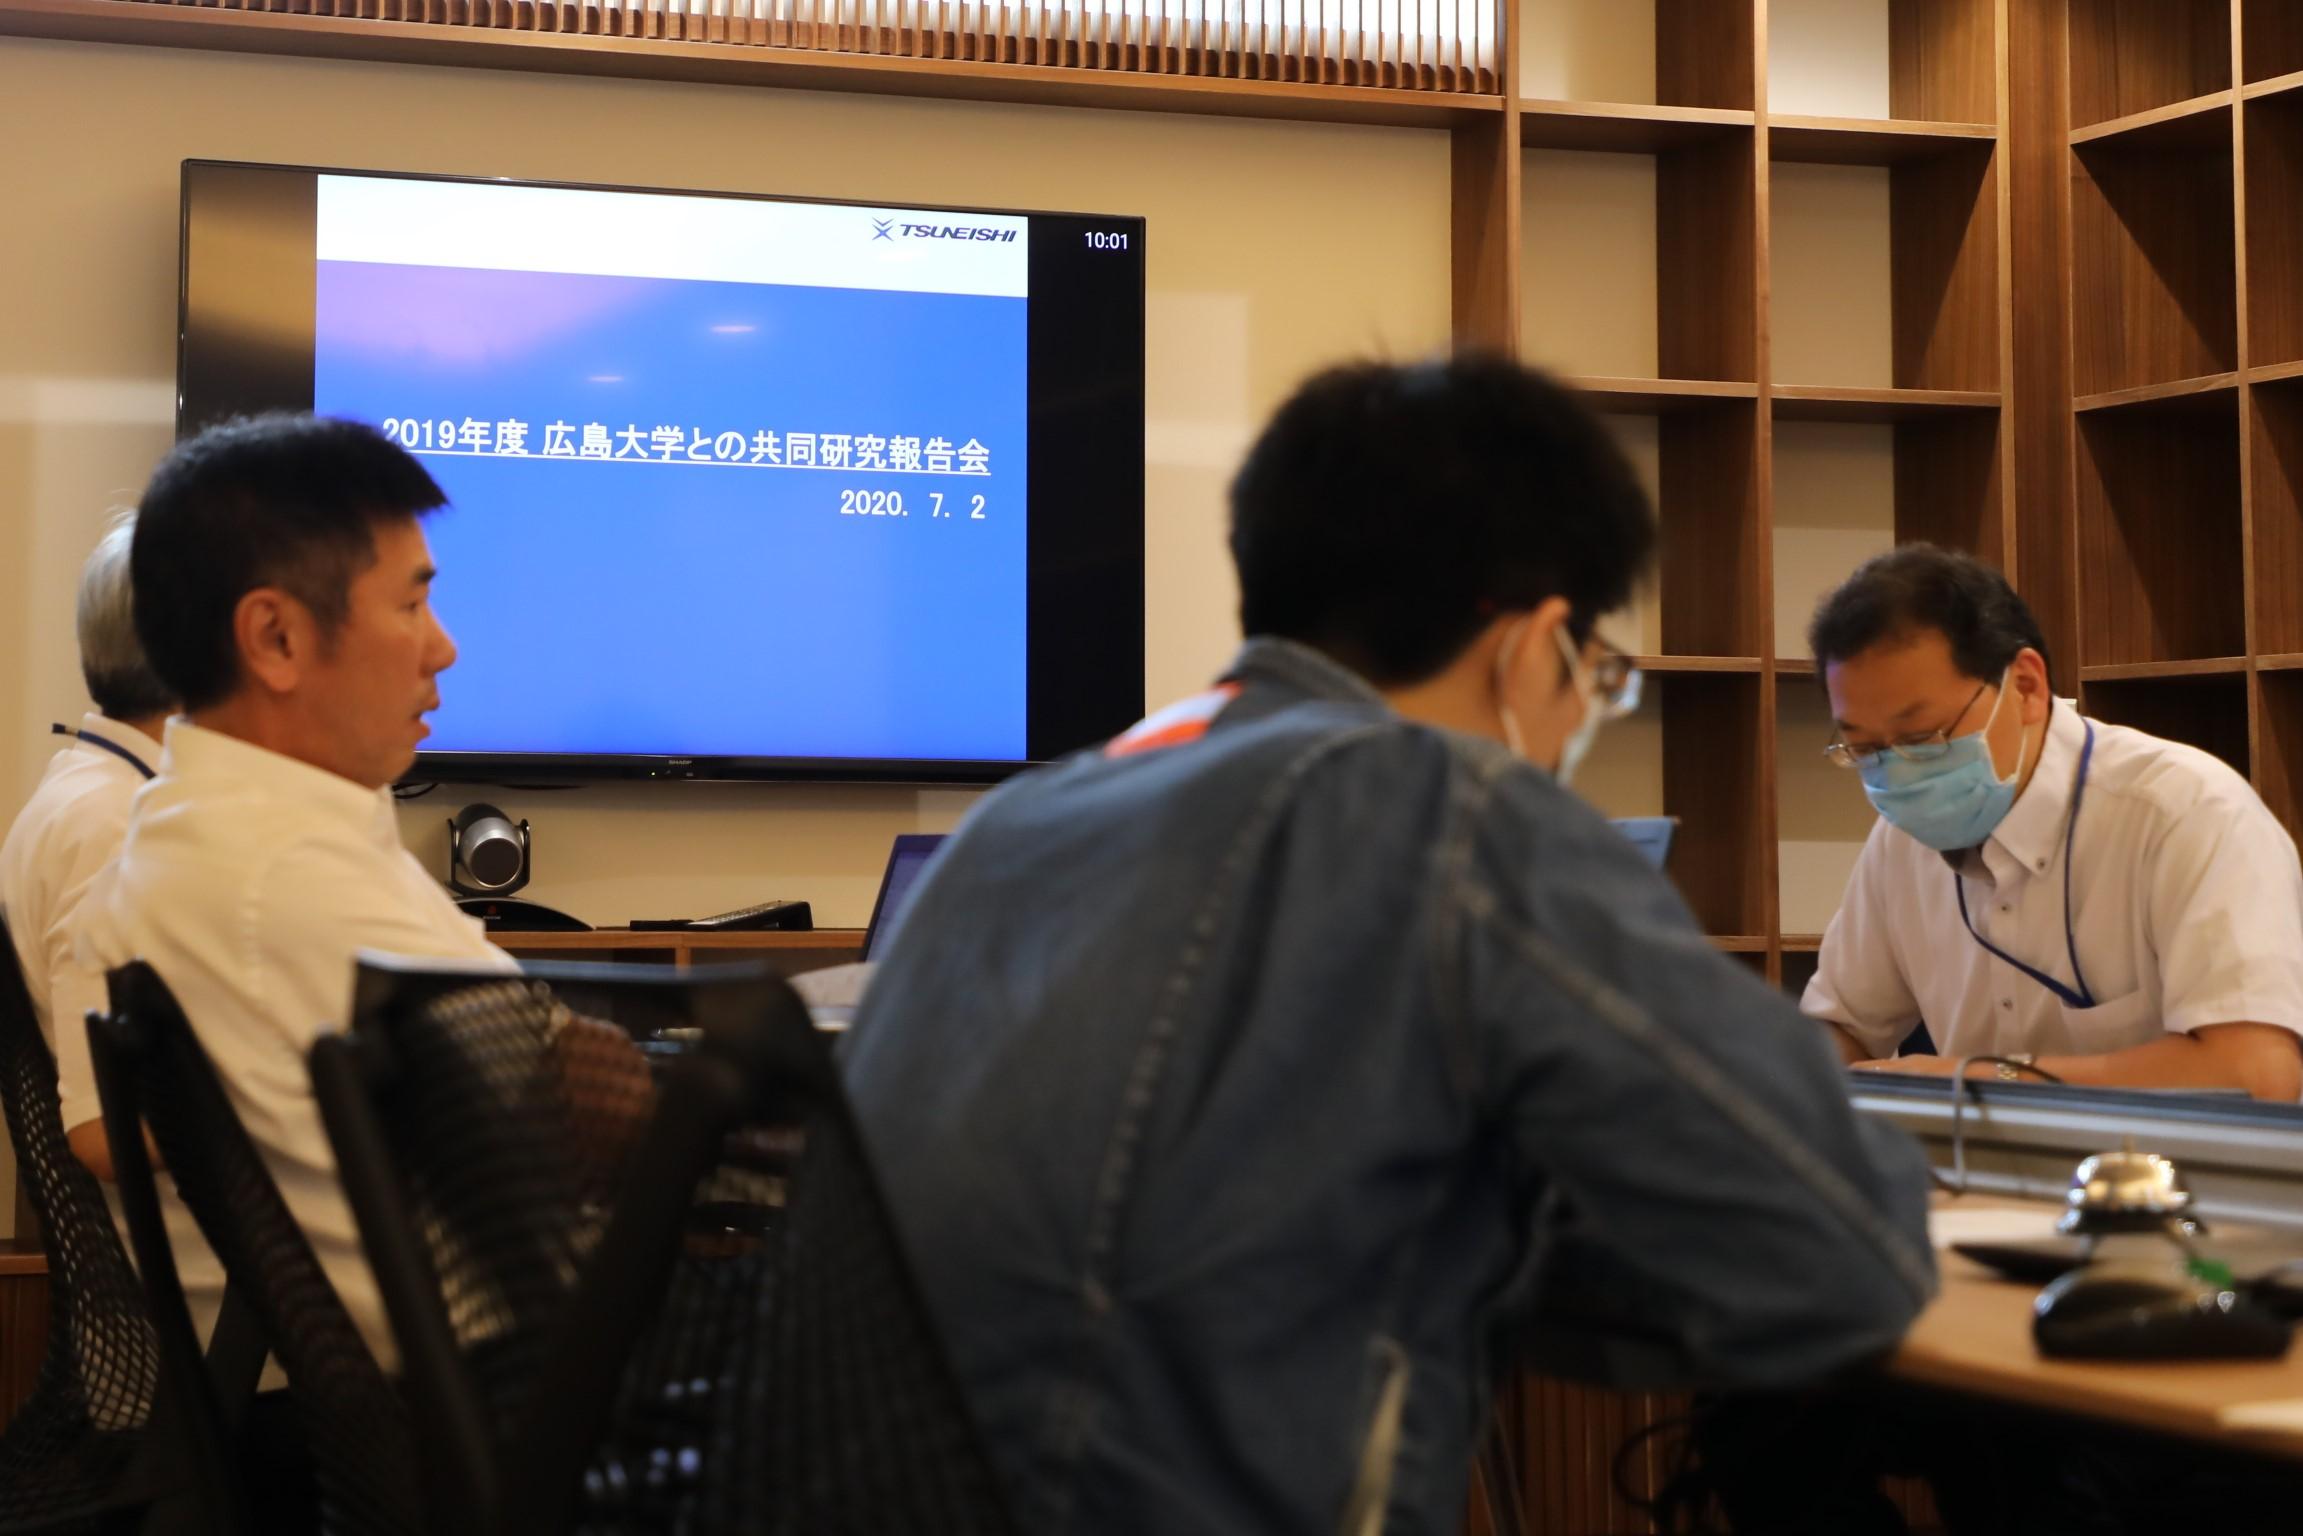 2019年度の成果報告会は初のウェブ会議形式となった